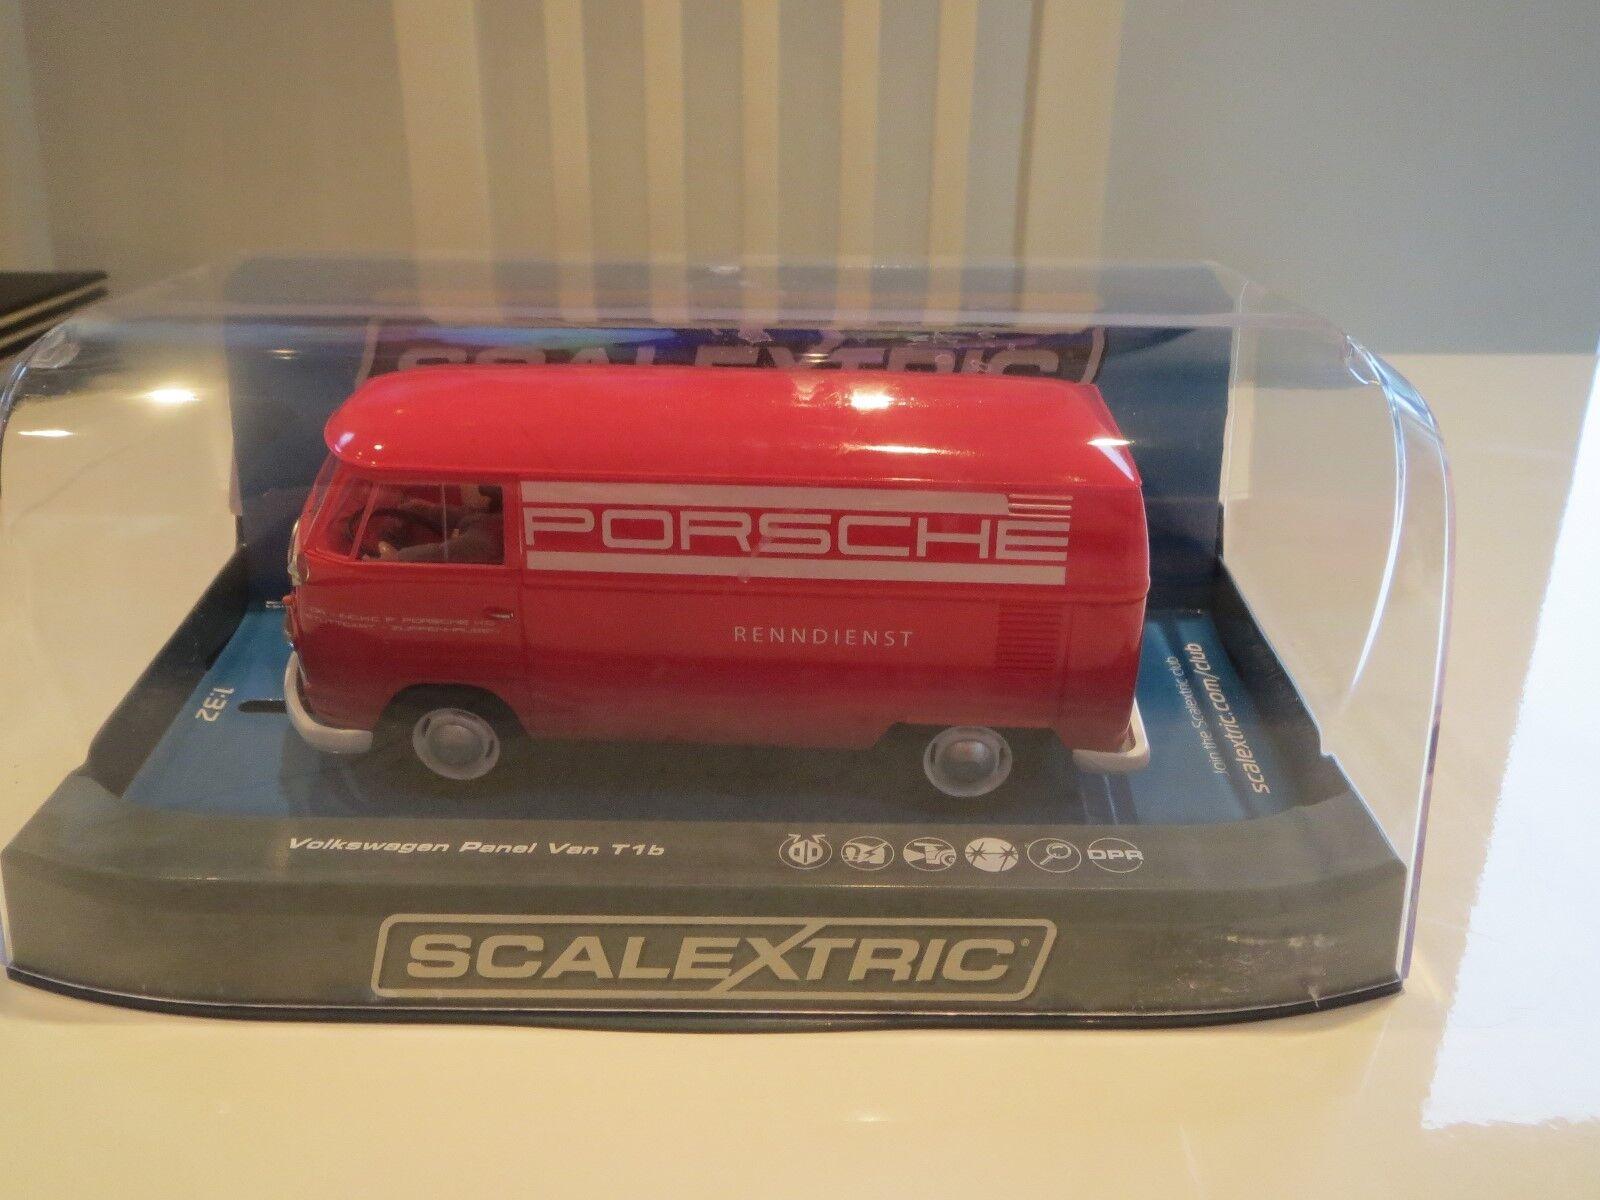 Scalextric C3755 Volkswagen Panel Van Porsche Racing Service BRAND NEW.